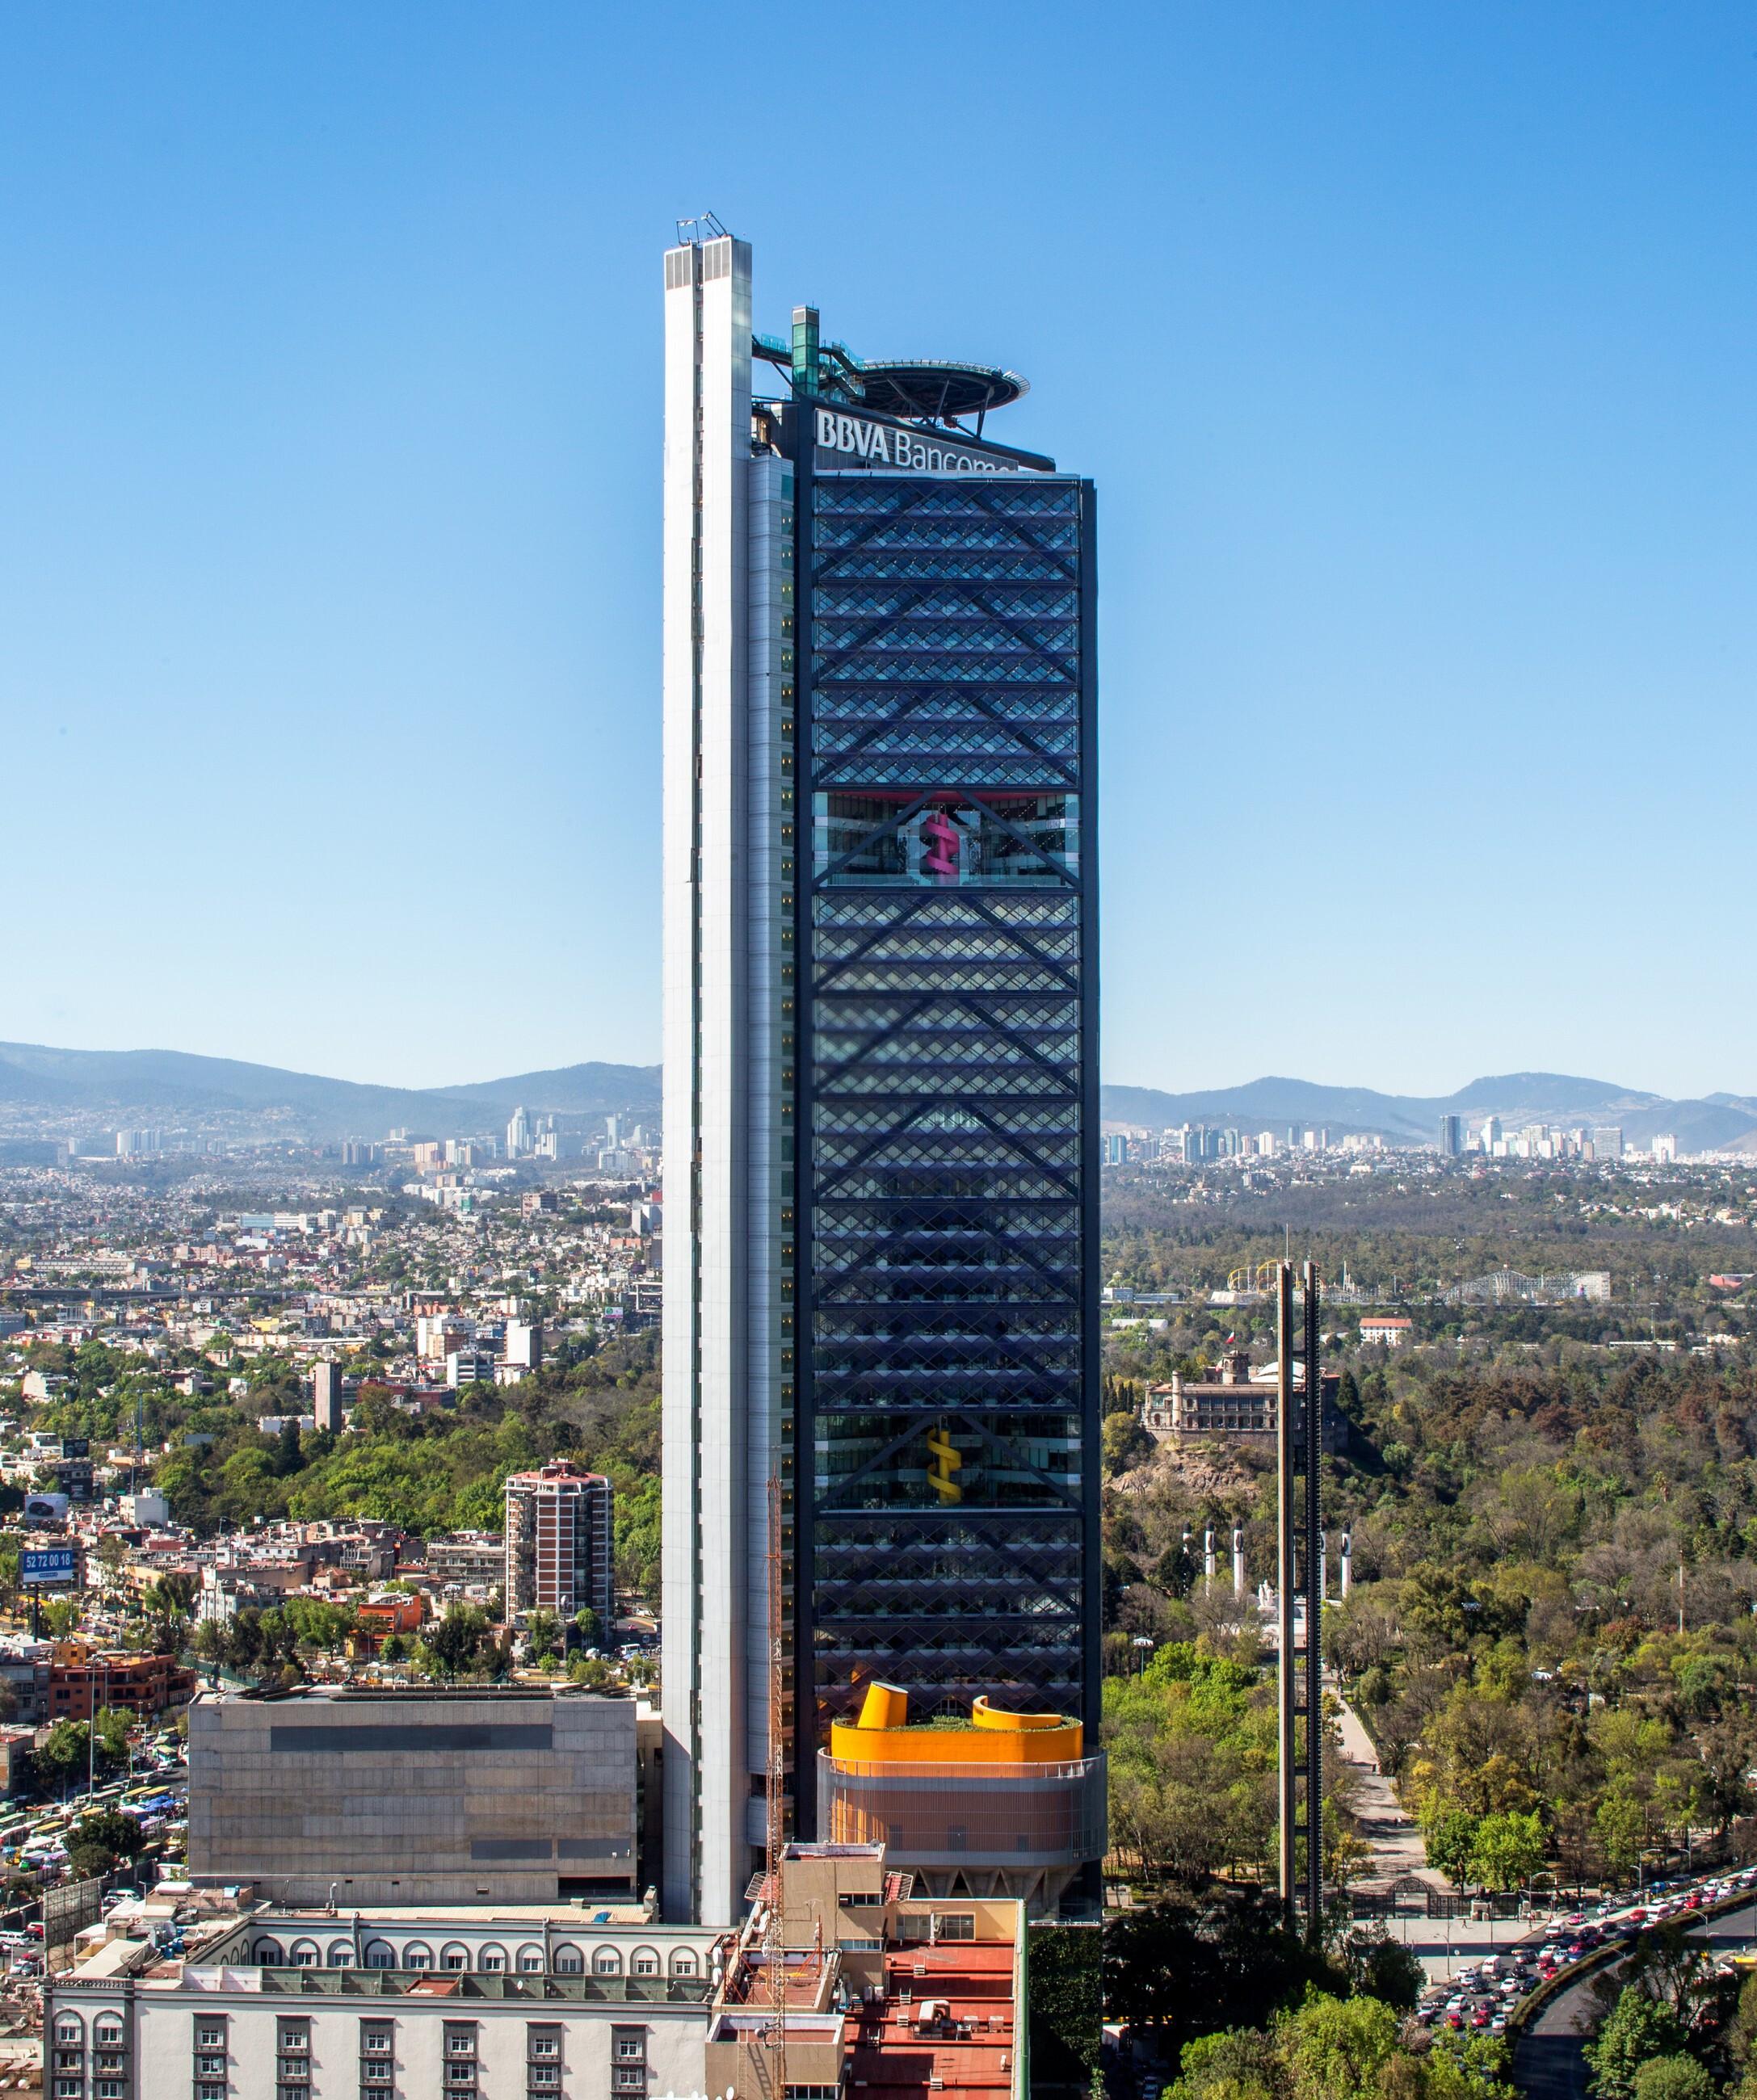 BBVA Bancomer Tower